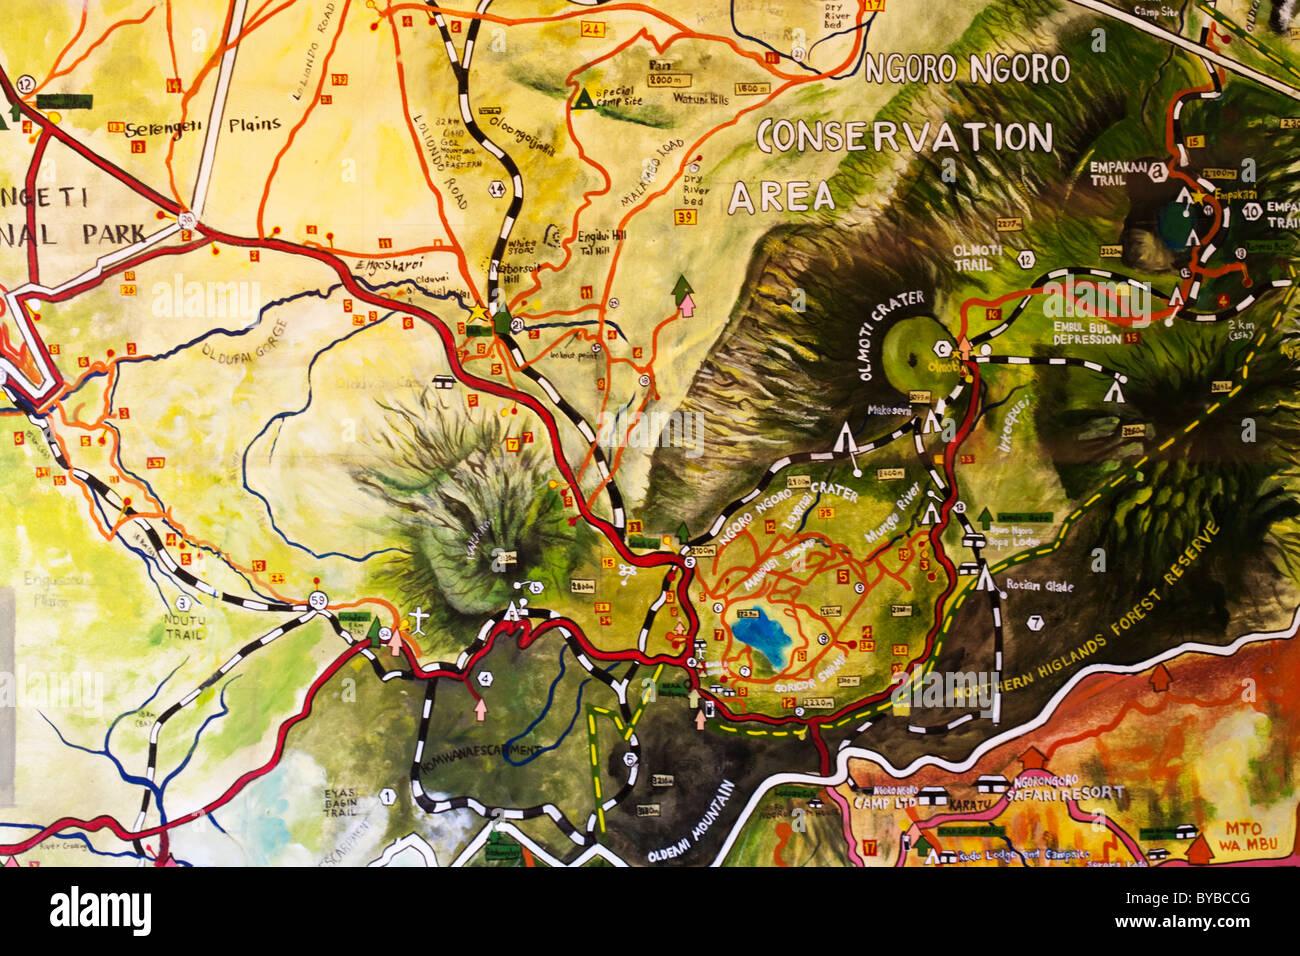 hand painted map of ngorongoro conservation area arusha